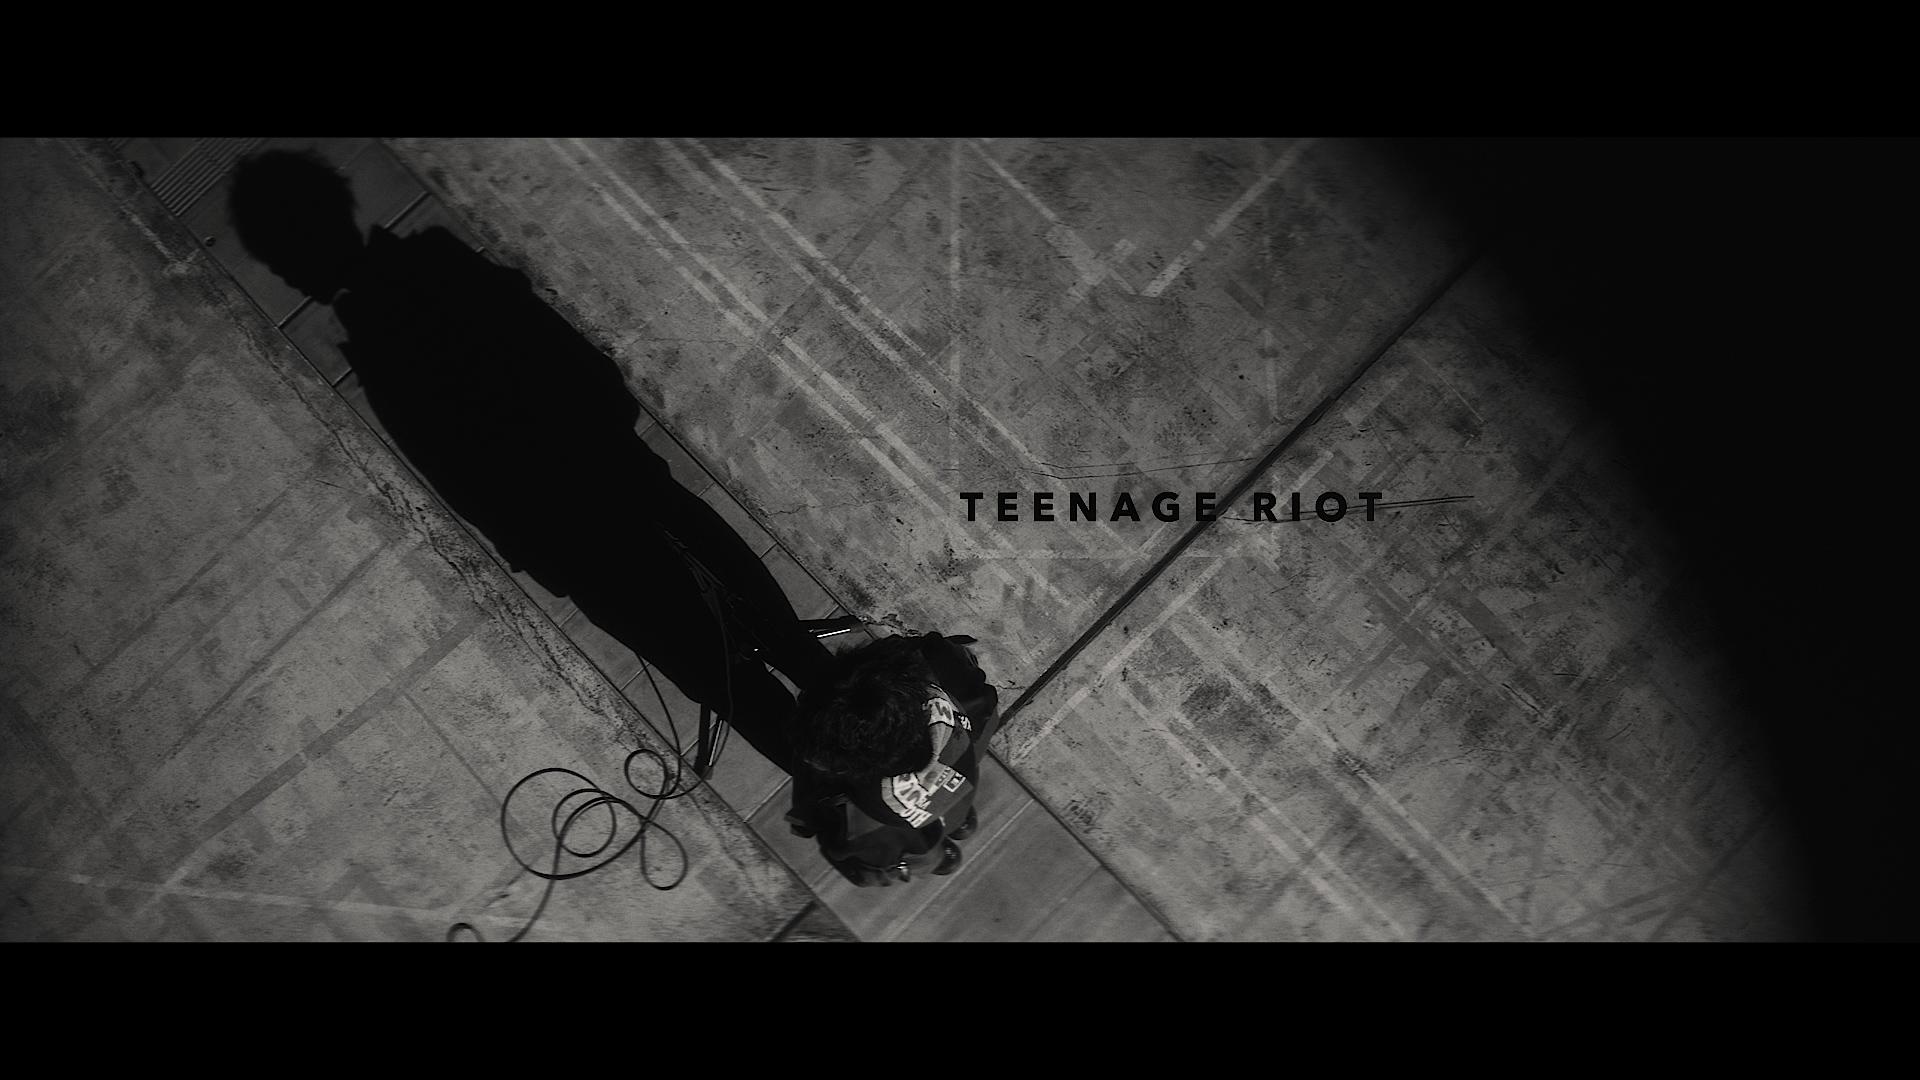 TEENAGE_MV_final.00_00_07_07.Still001.jpg